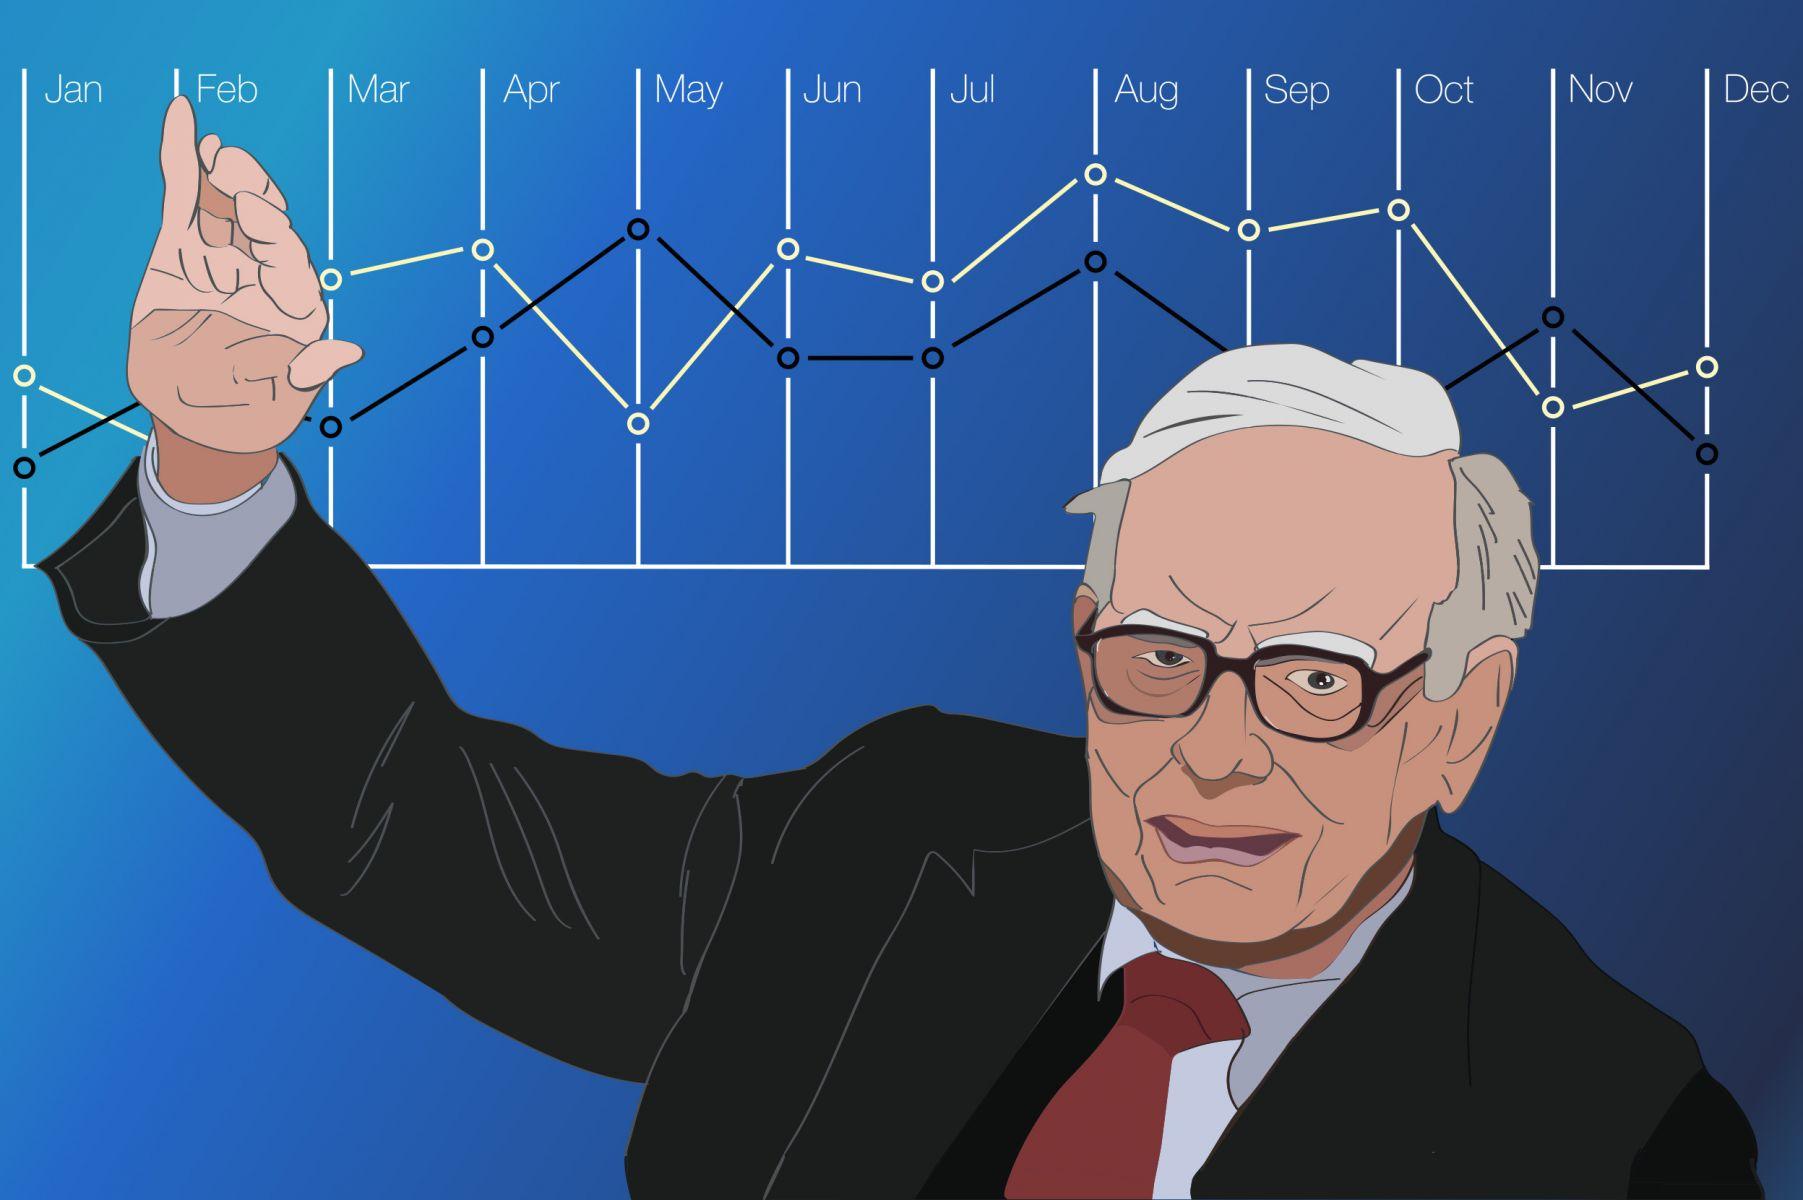 巴菲特的投資理財智慧:用長期的角度來思考投資問題